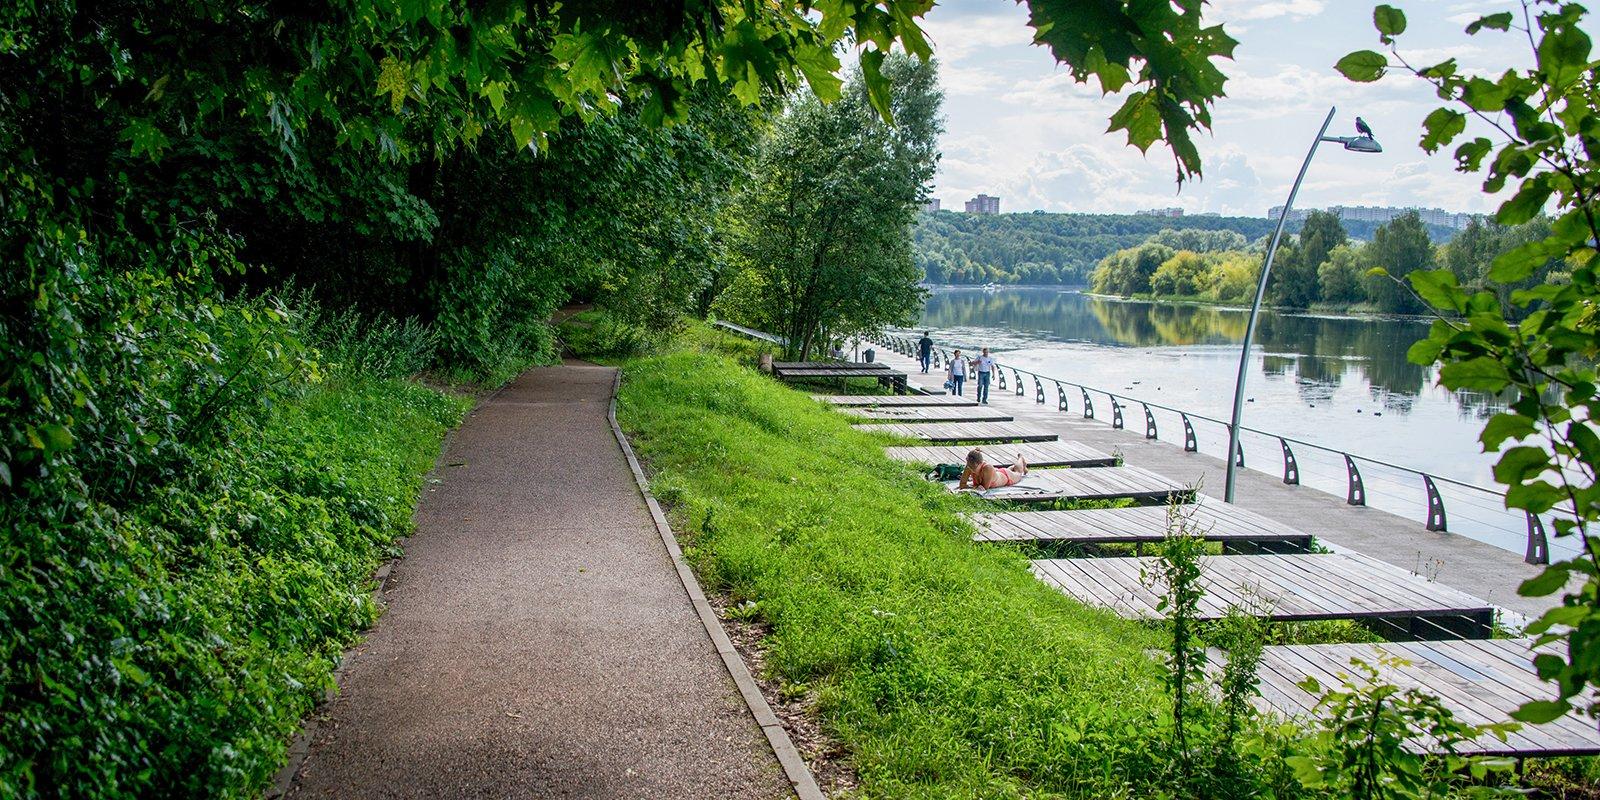 Вдоль Москвы-реки или у дворца императрицы: самые живописные беговые дорожки в парках